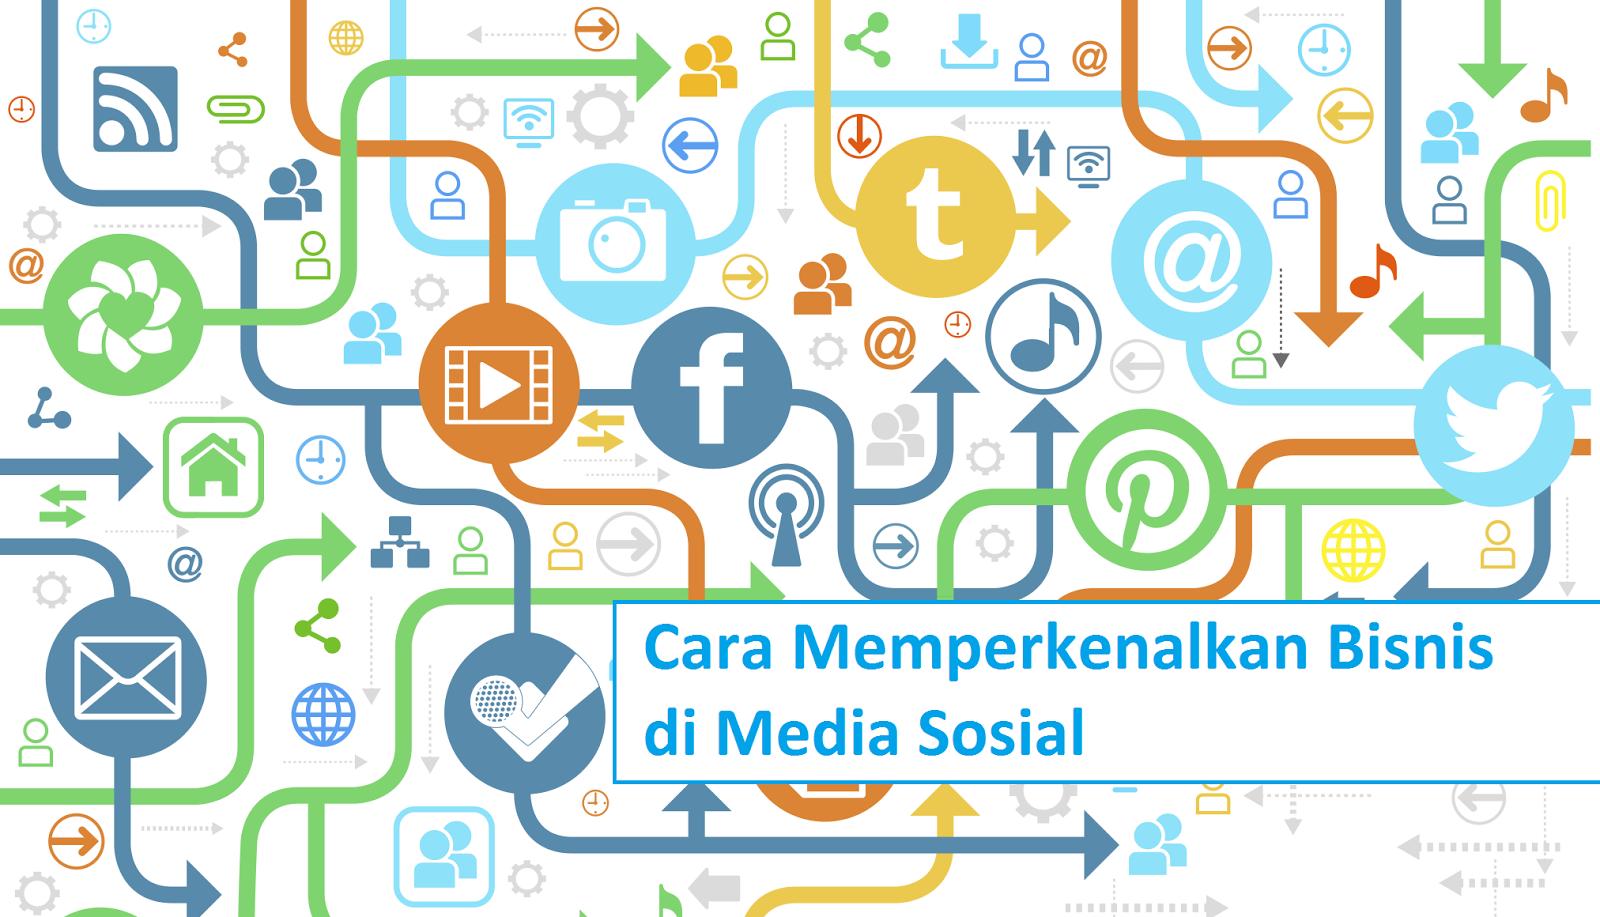 cara memperkenalkan bisnis di media sosial